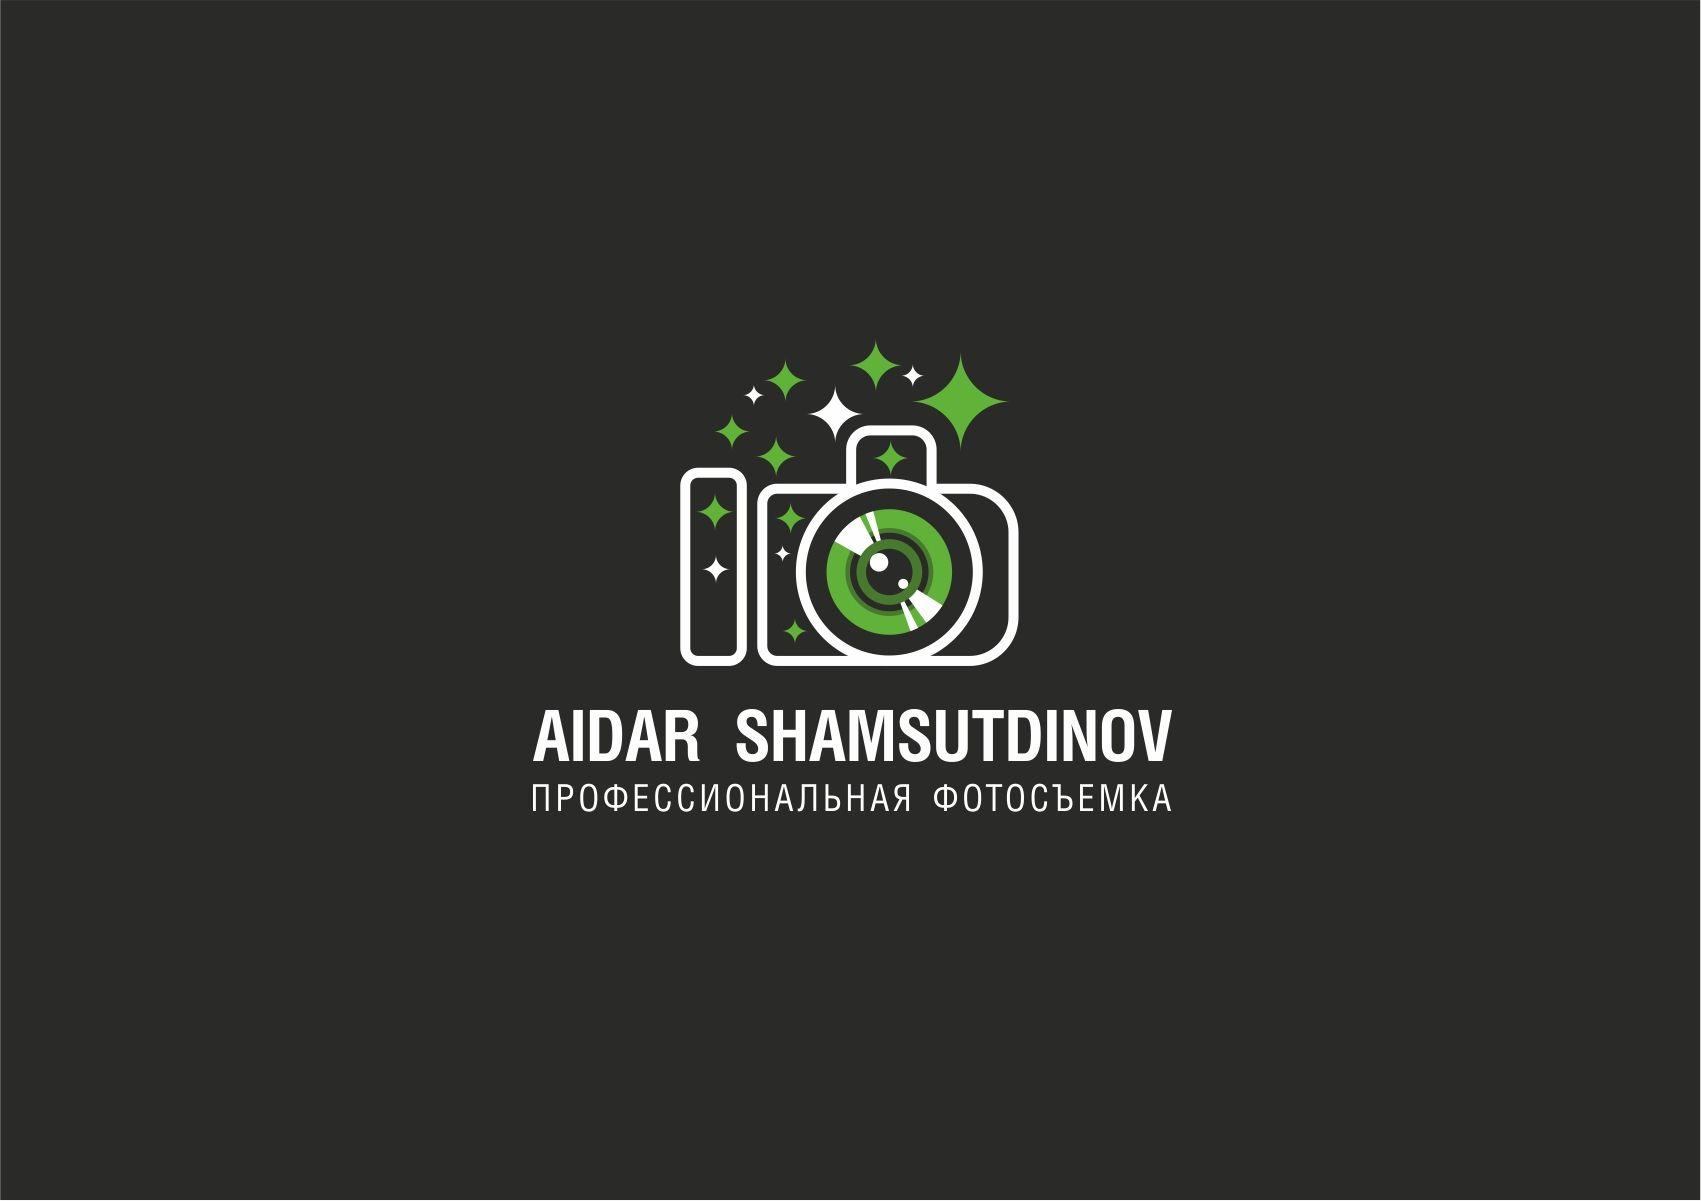 Логотип для фотографа - дизайнер designer79